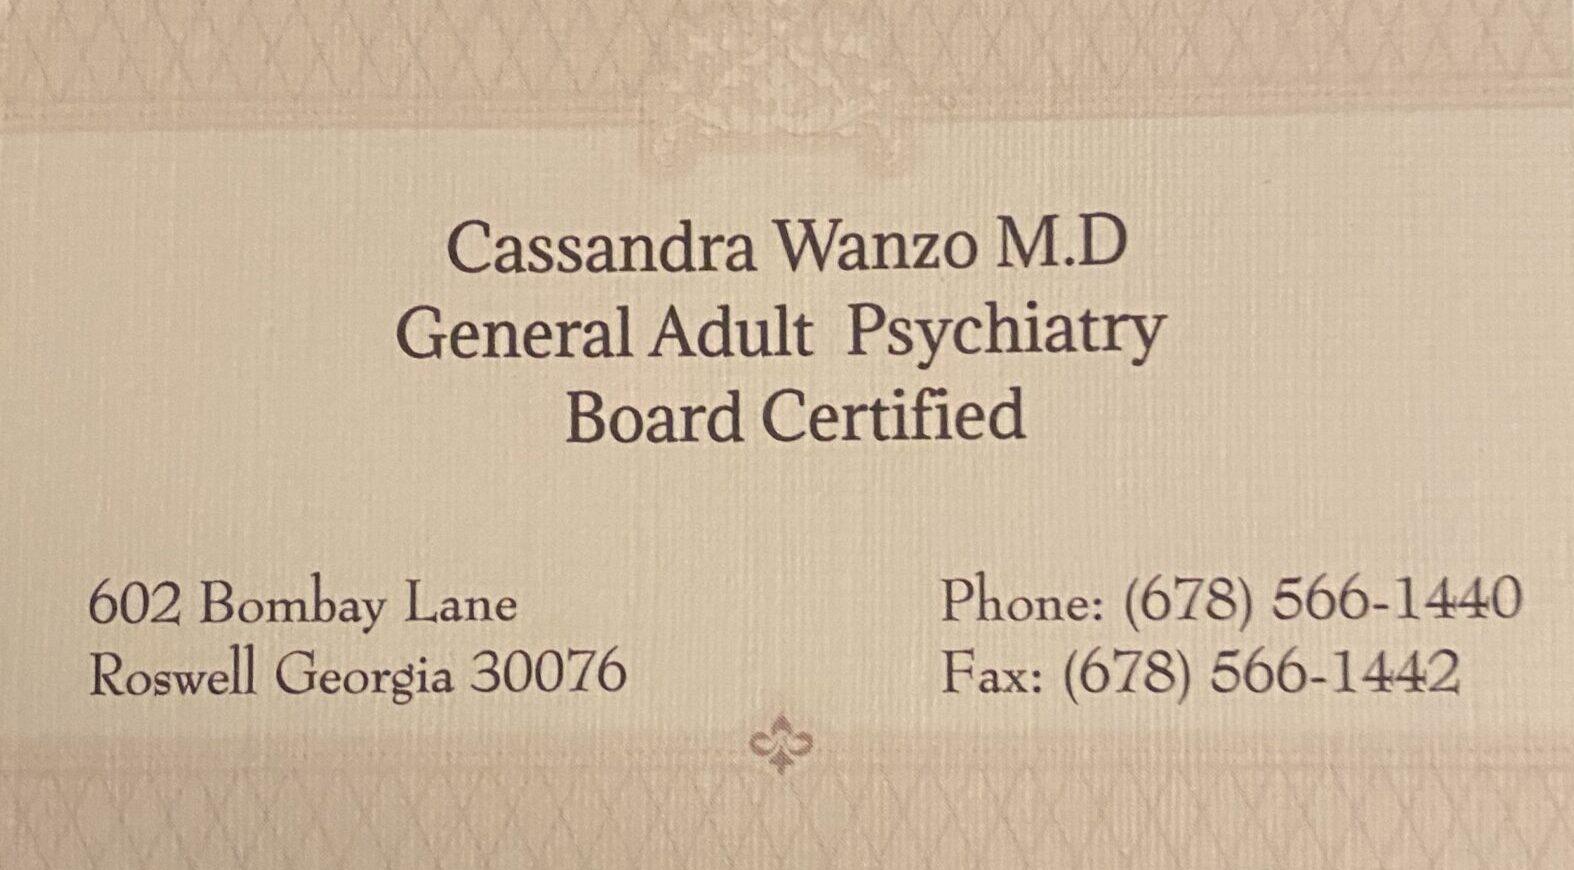 Dr. Cassandra Wanzo, M.D